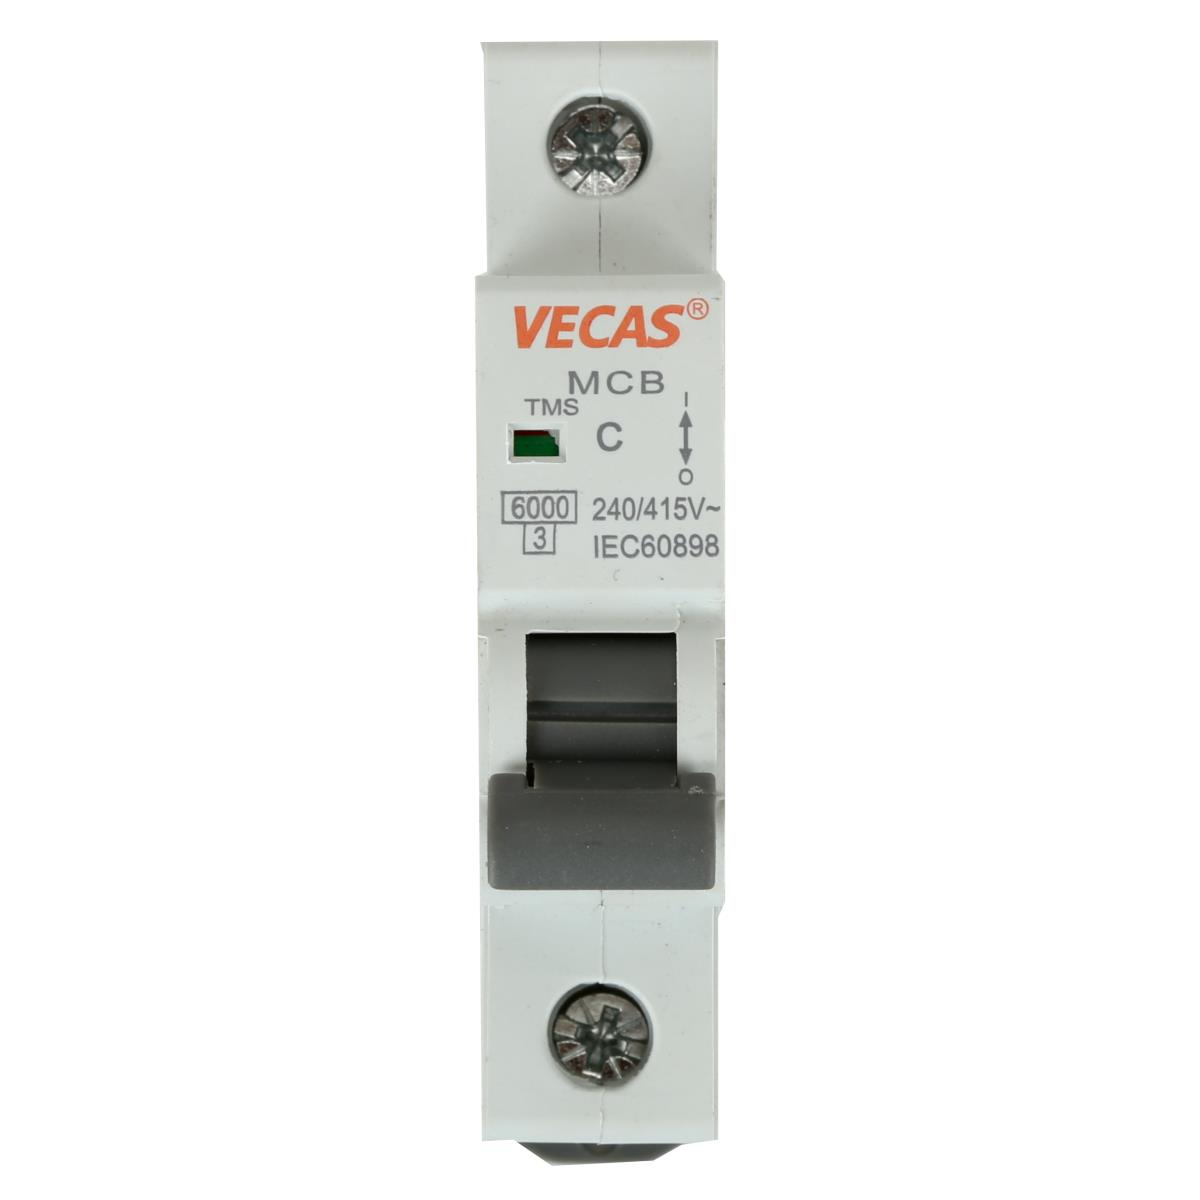 Leitungsschutzschalter Sicherungsautomat  B, 1-polig, 16A LS-Schalter,Vecas,L7-16-1-B, 4770364101472